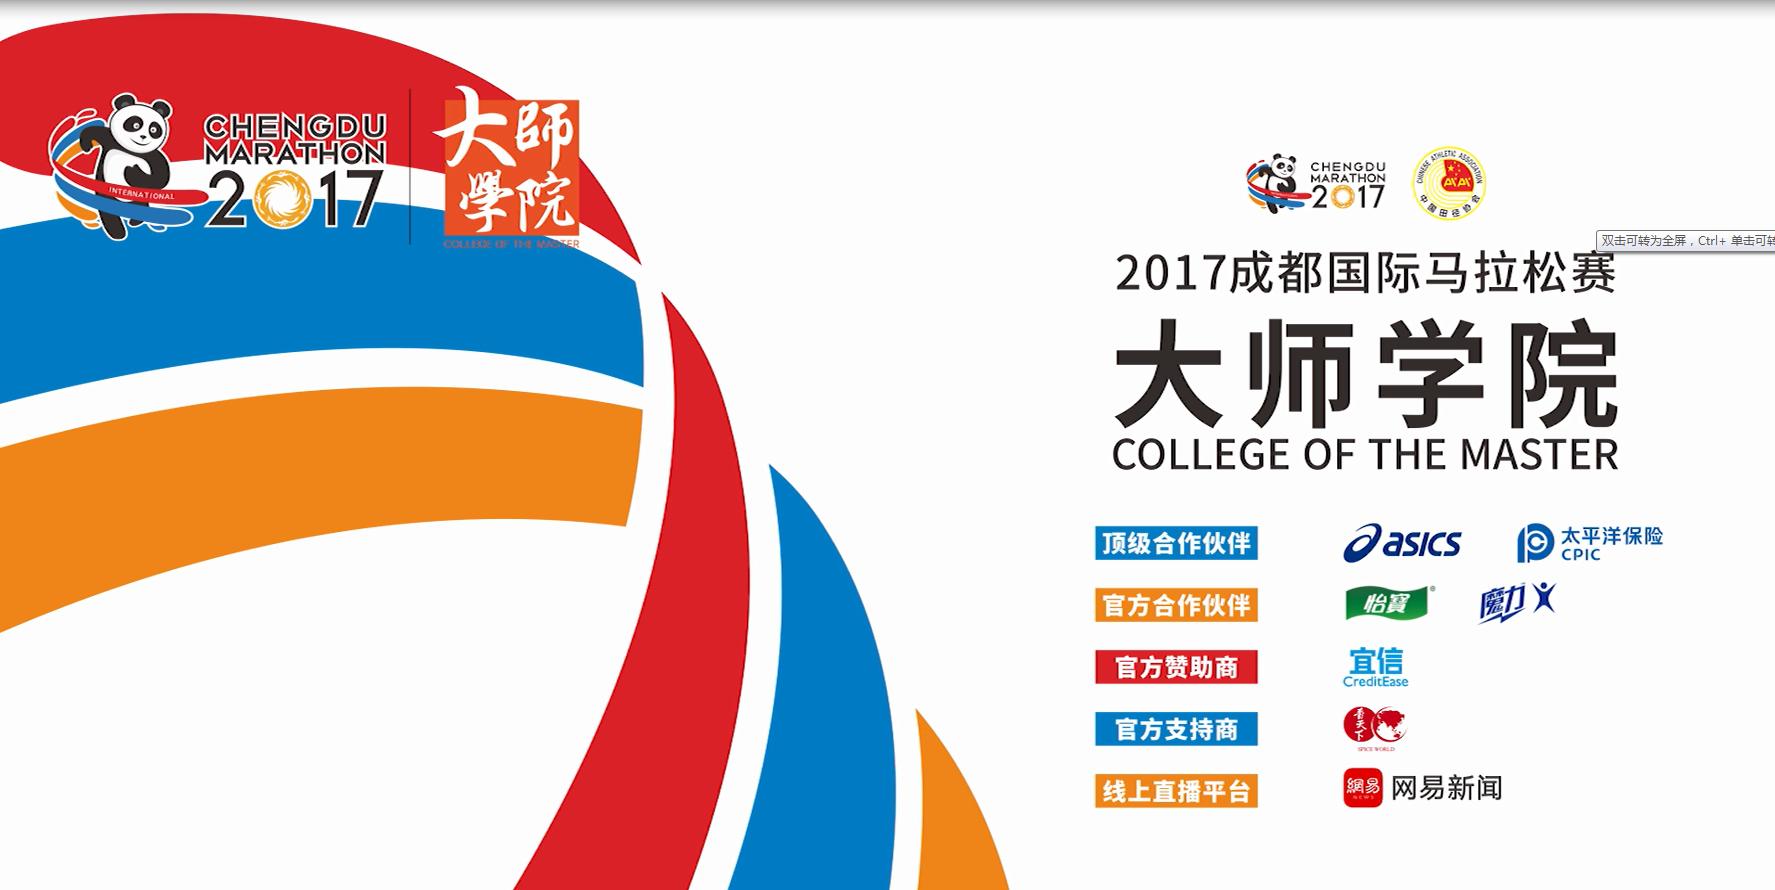 成马大师学院第2期:这几项能力成就跑步高手